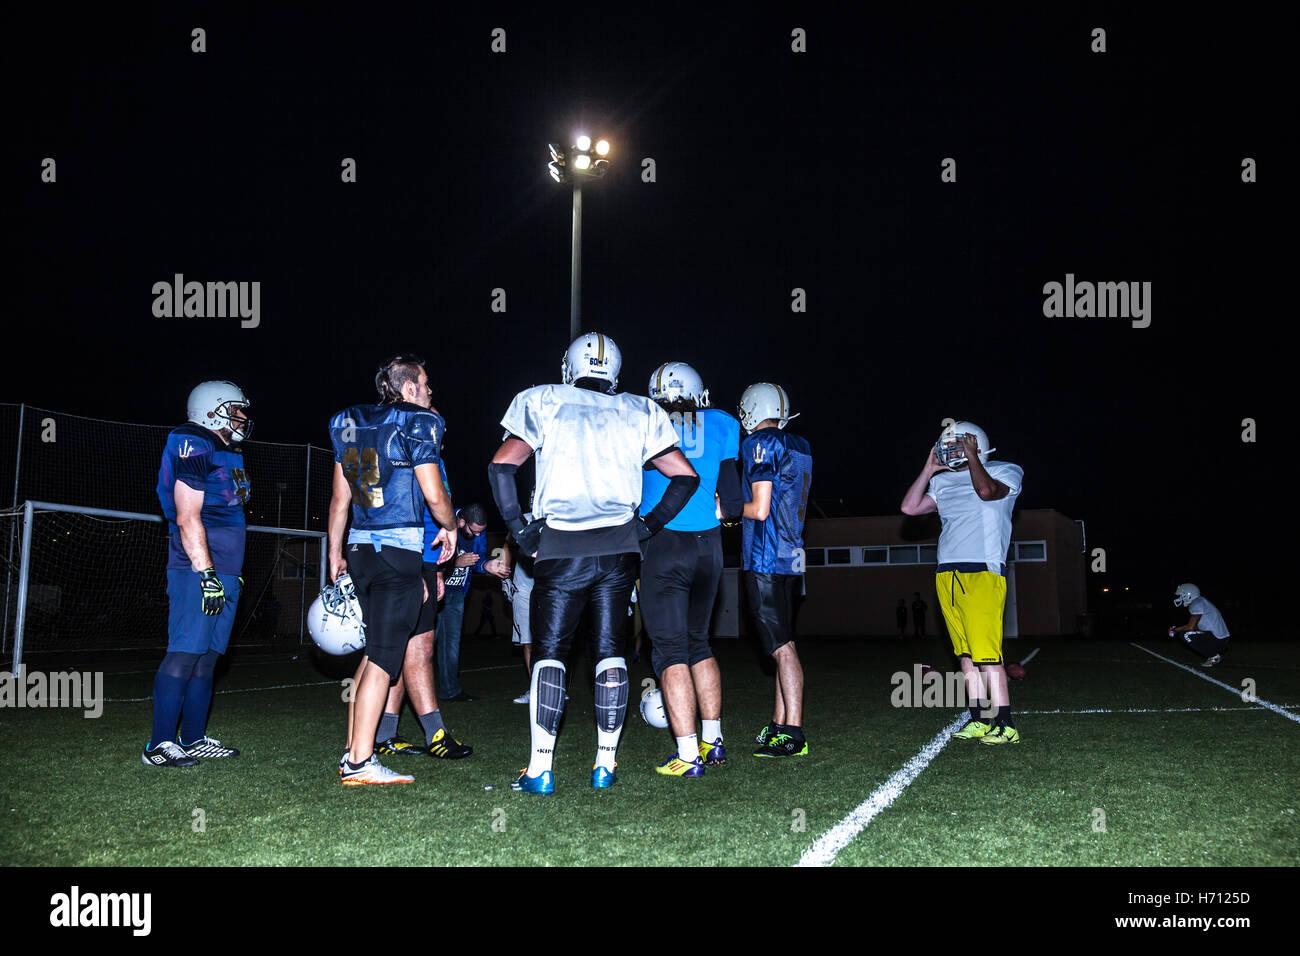 American football giocatori Immagini Stock